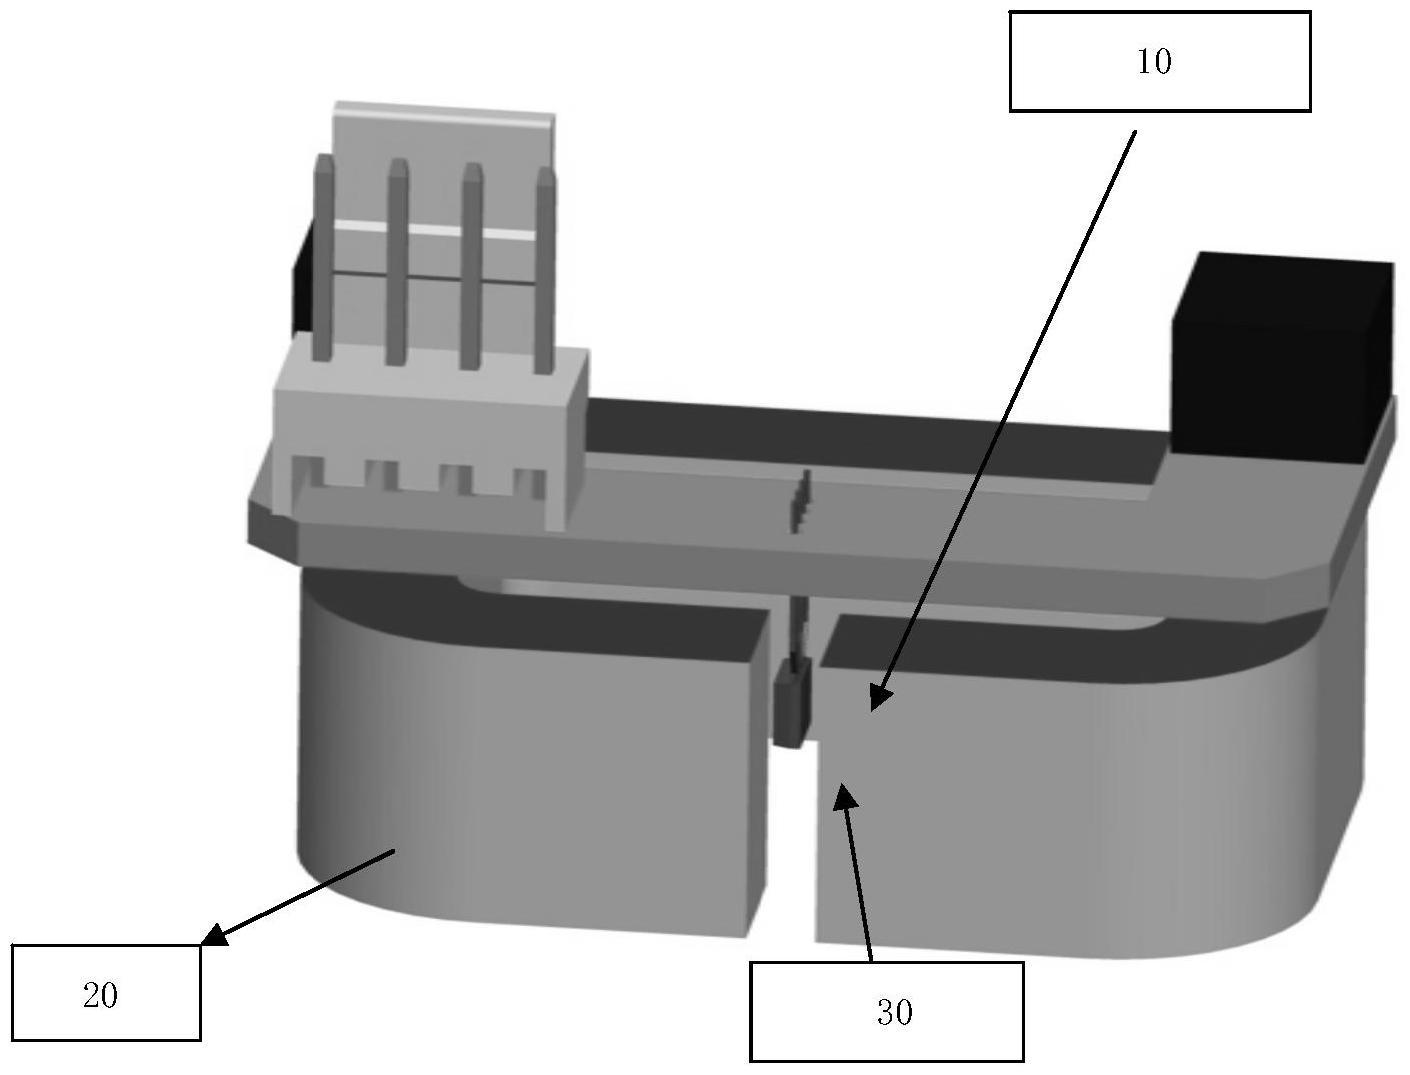 【仪表最新专利】电流传感器的检测装置和方法